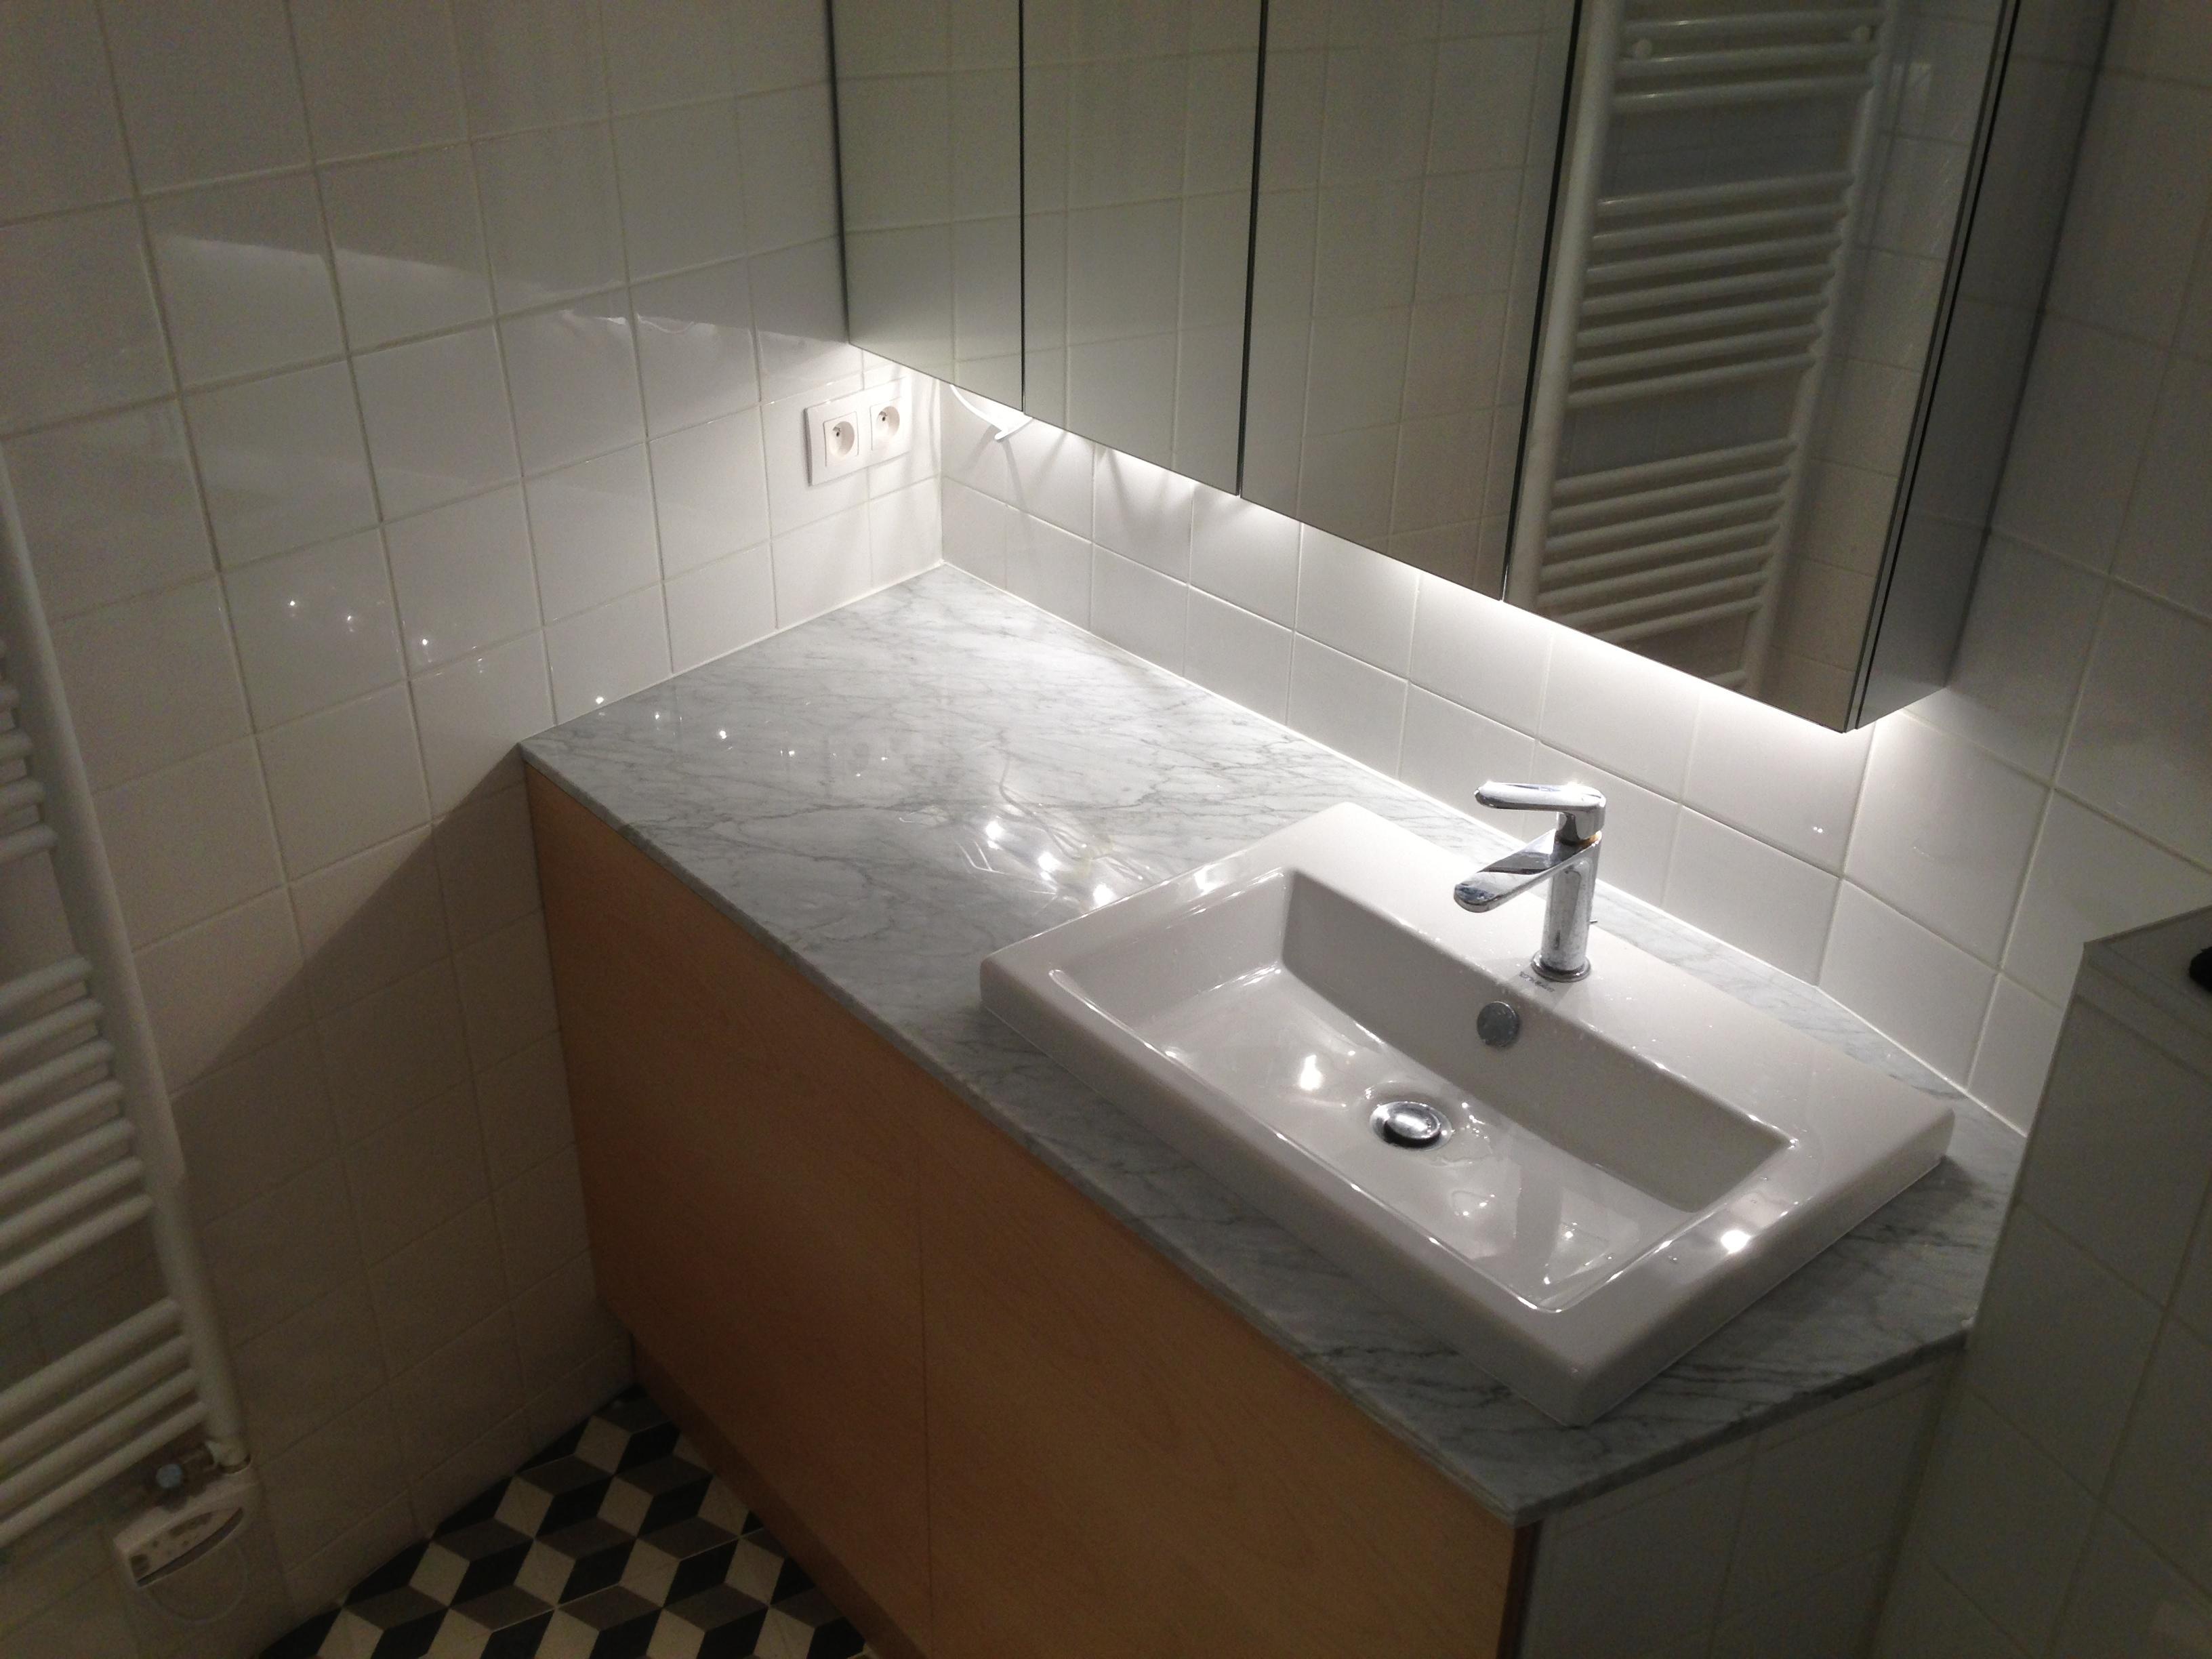 plan de travail granit quartz table en mabre paris essonne plan vasque sdb paris. Black Bedroom Furniture Sets. Home Design Ideas